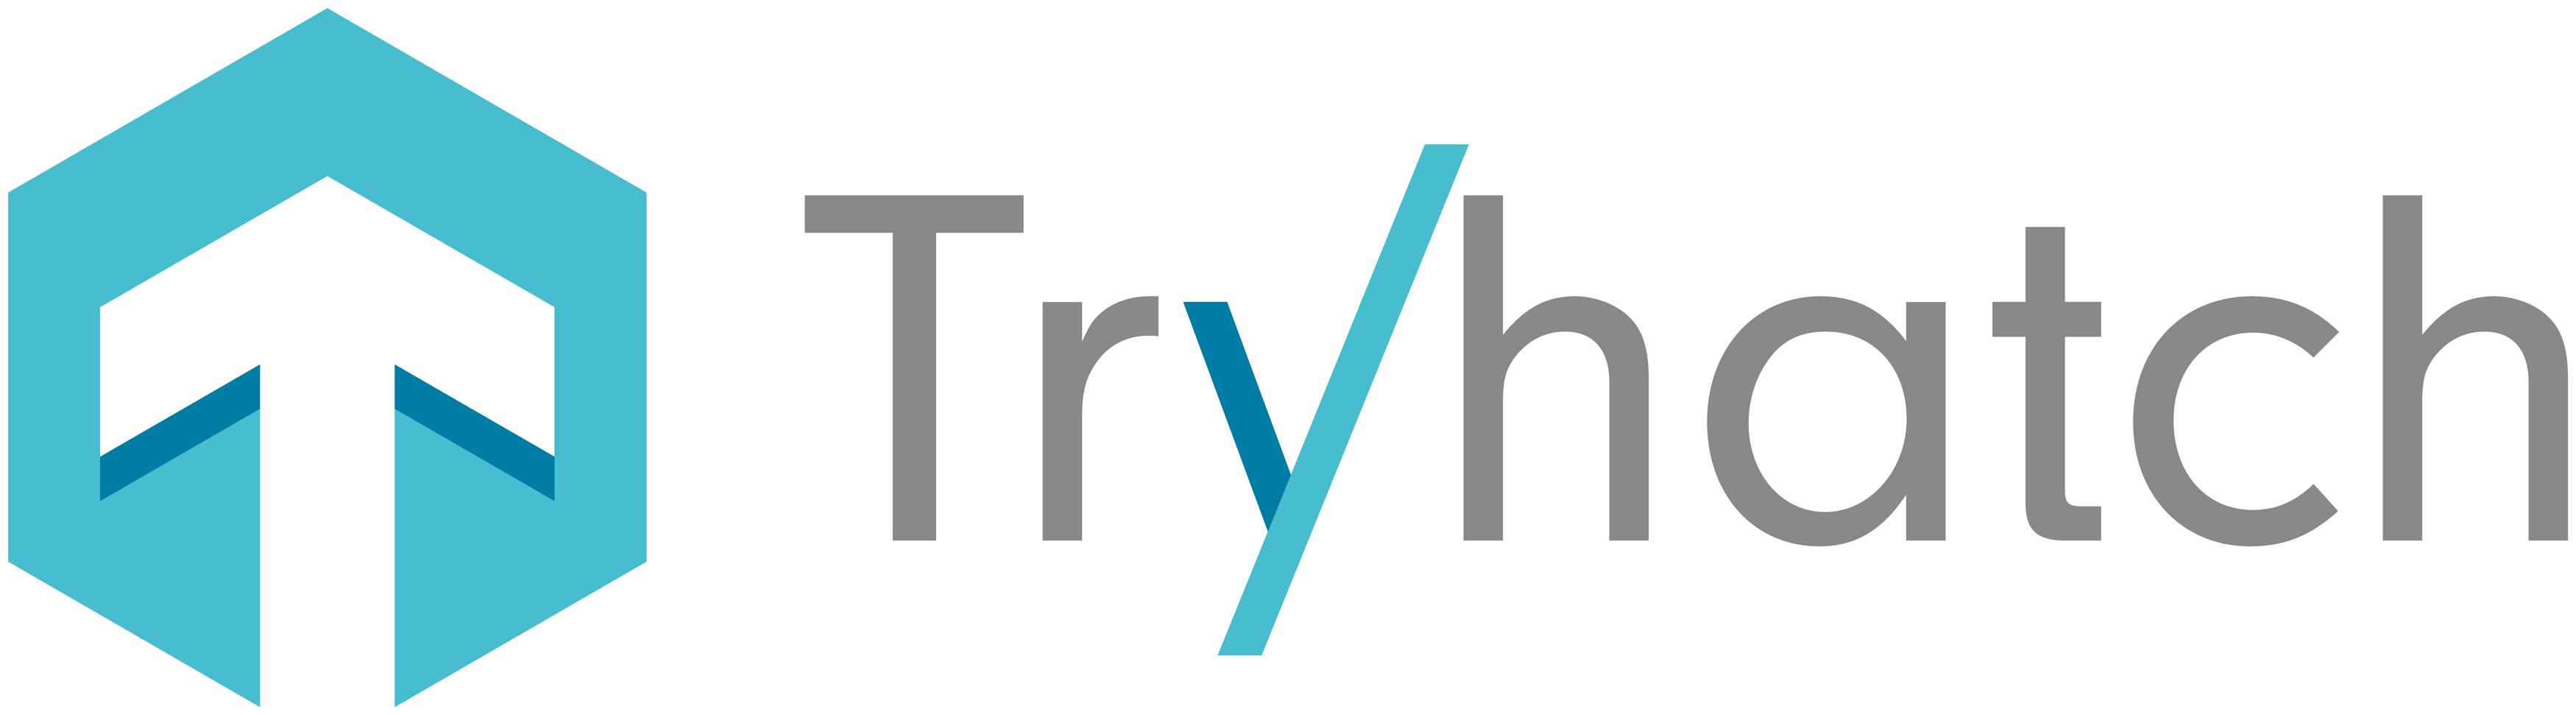 検索エンジンマーケティングなら株式会社トライハッチ